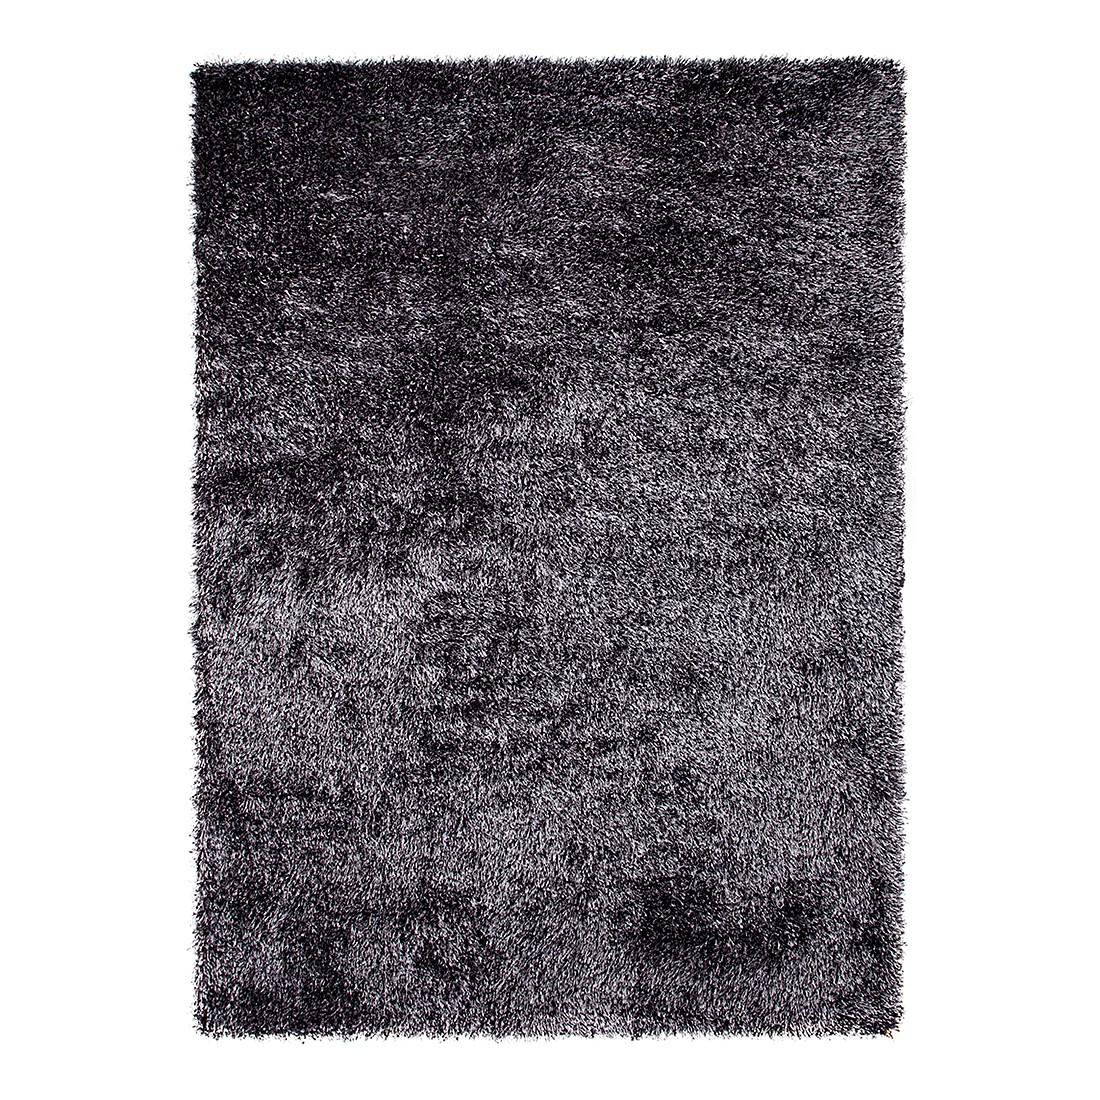 Teppich New Glamour – Anthrazit – 90 cm x 160 cm, Esprit Home günstig kaufen